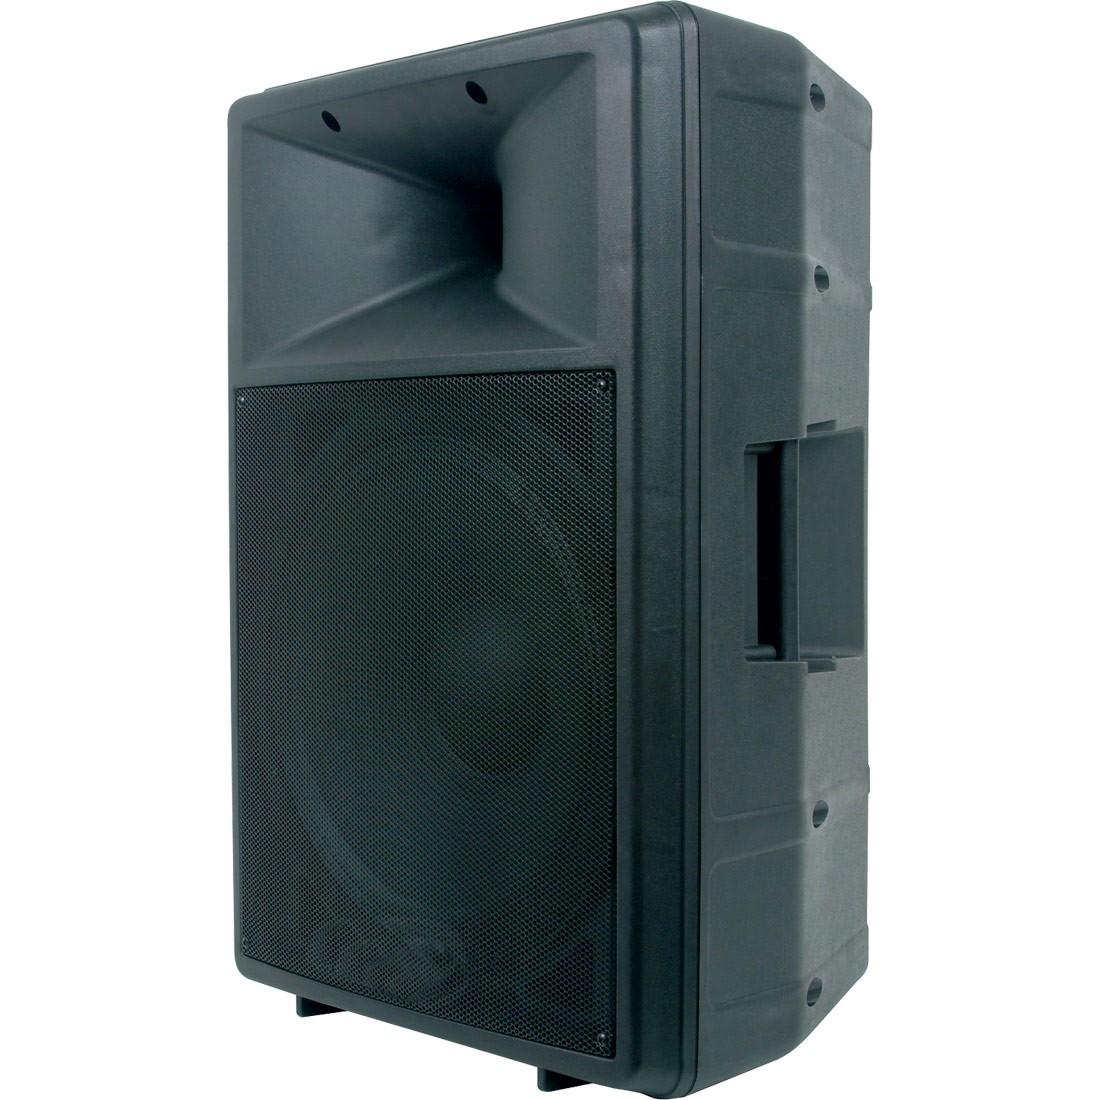 DLS15 speaker